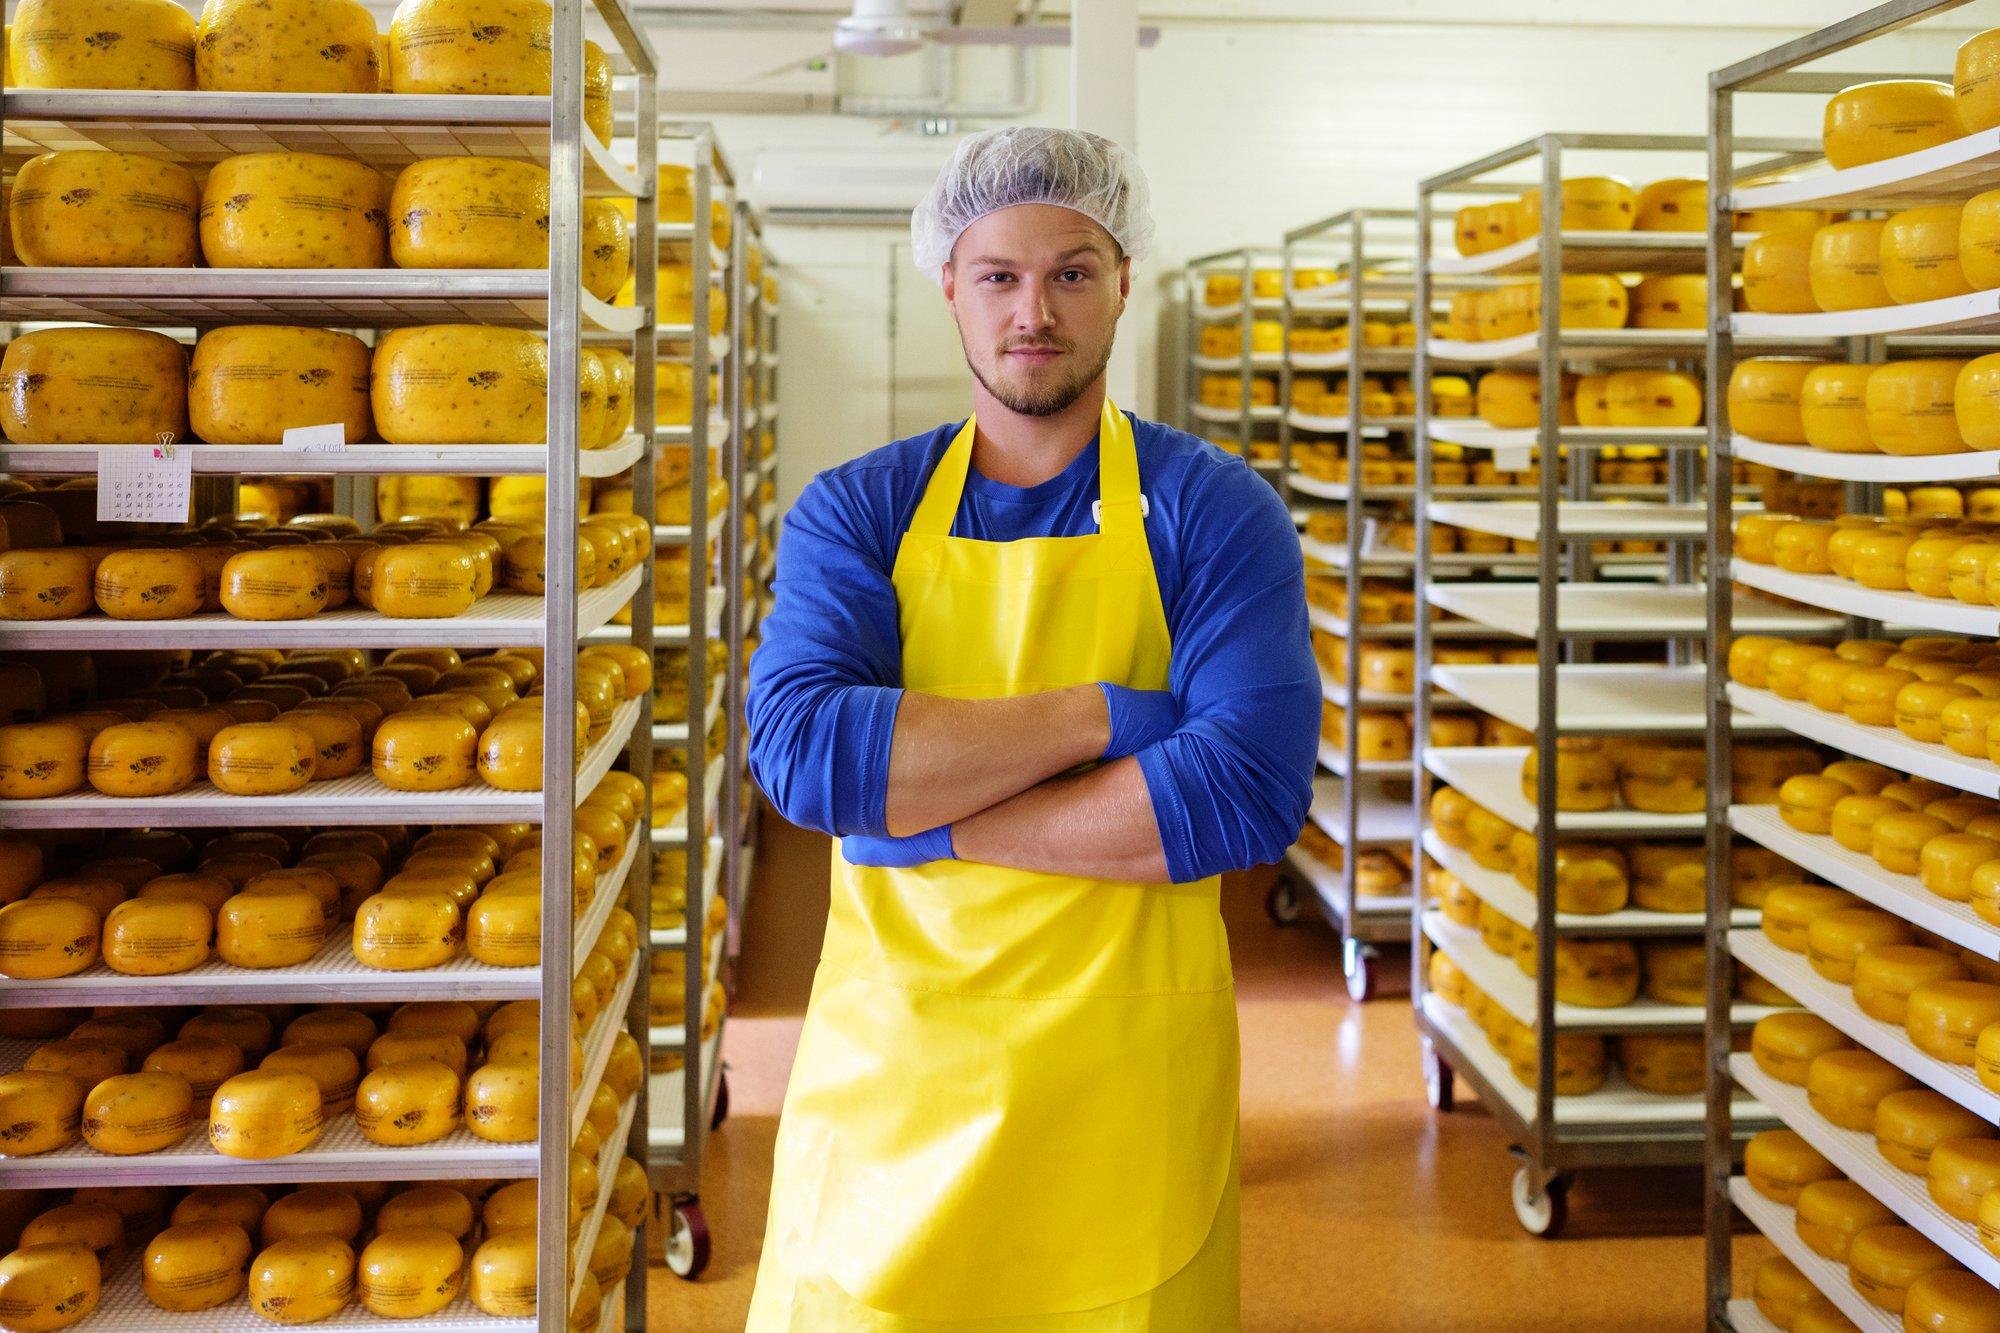 depositphotos 152887144 l 2015.jpg?resize=1200,630 - Vous aimez le fromage? Cette compagnie cherche à vous recruter!